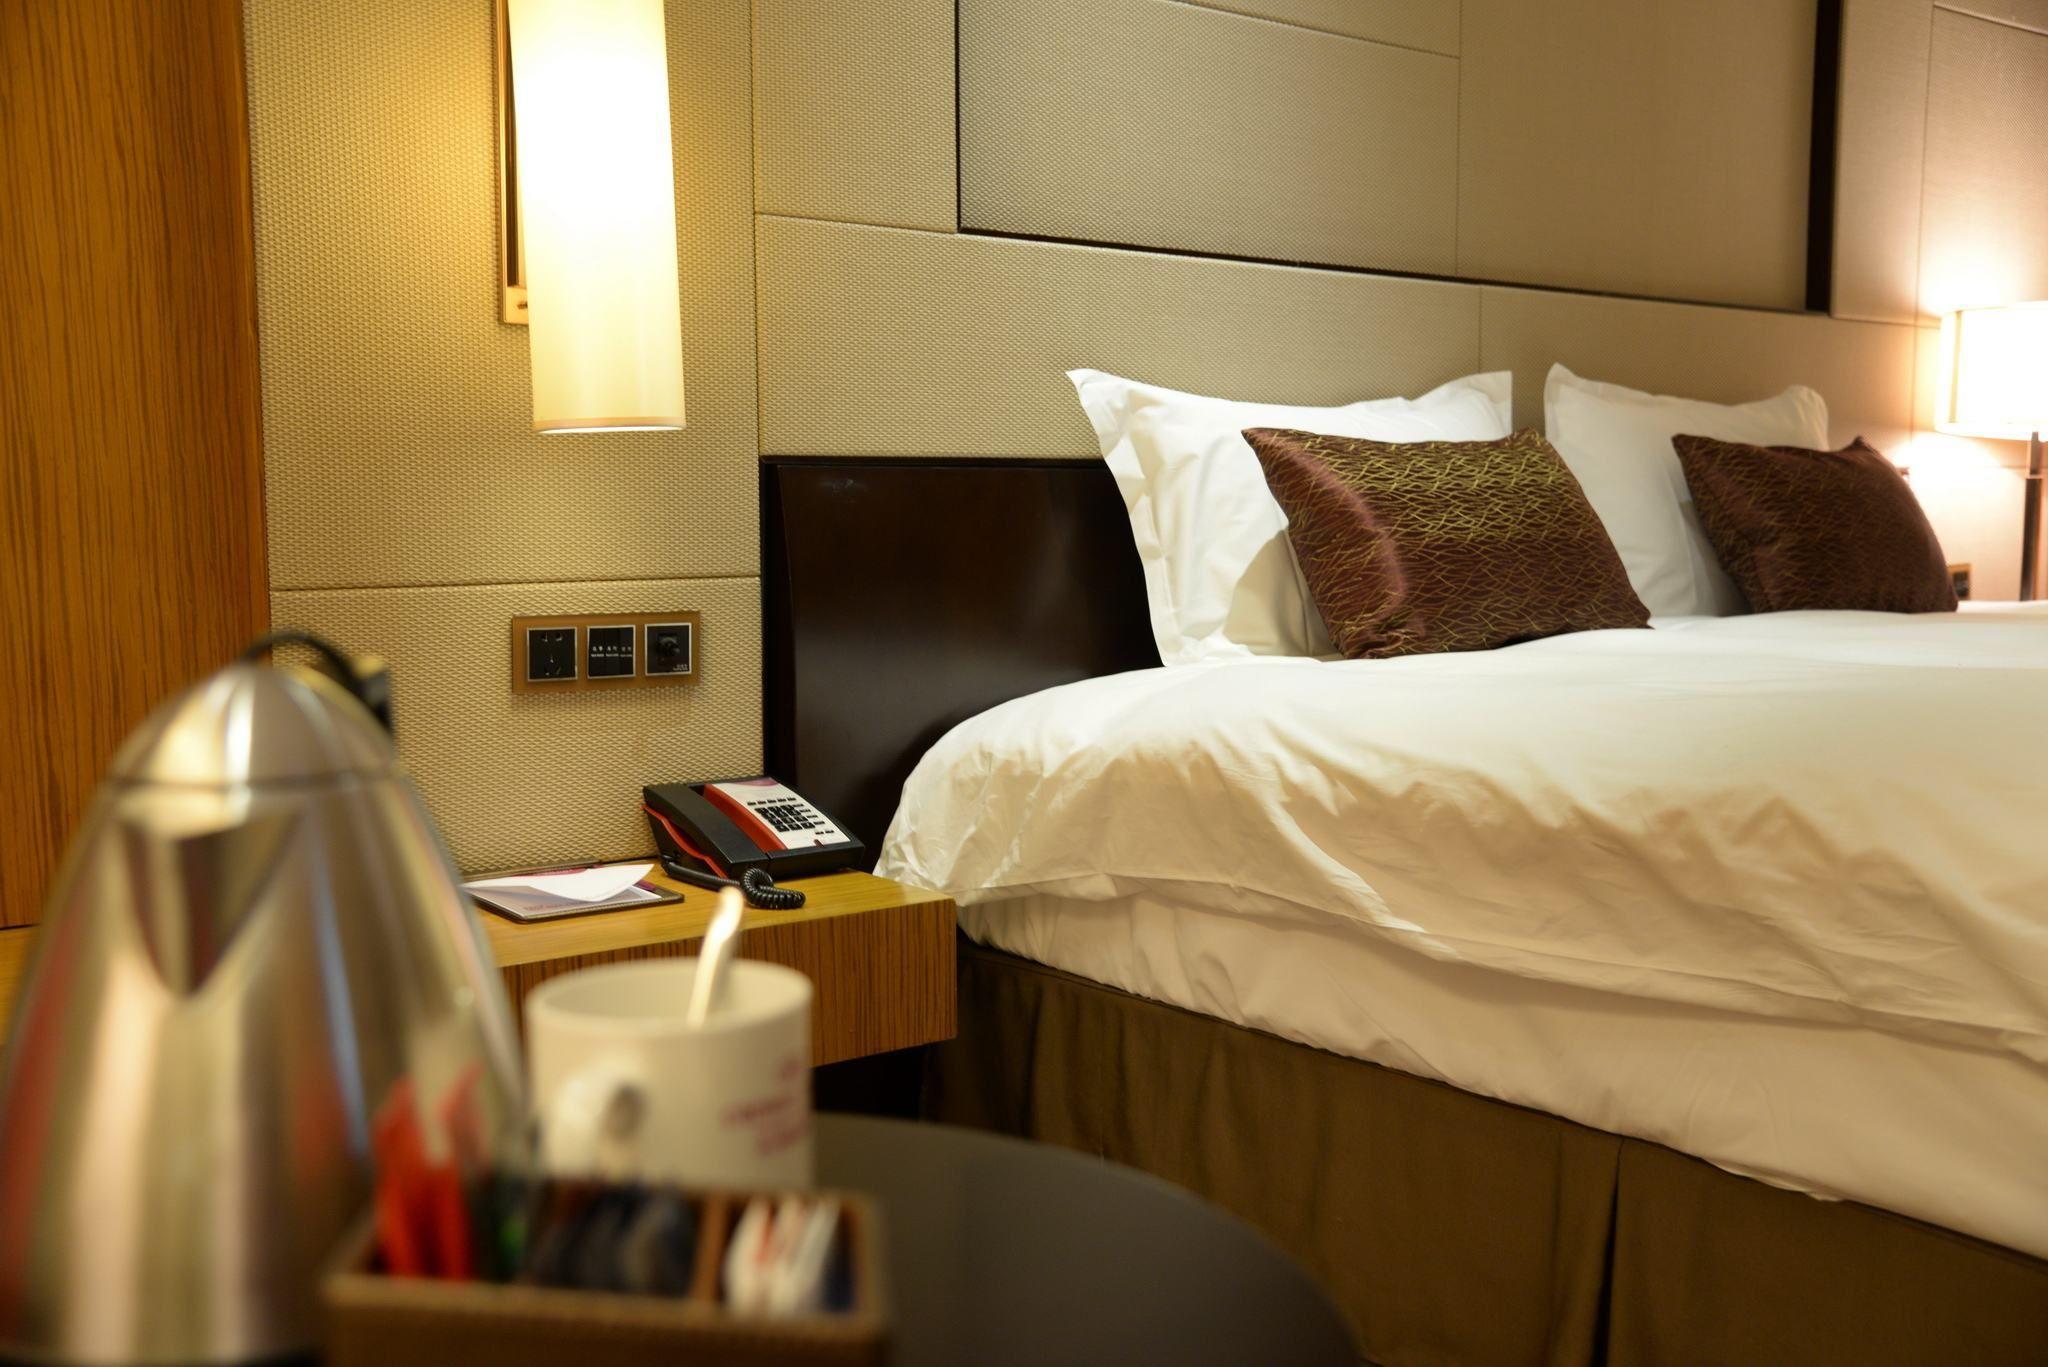 床头两边插座的尺寸 床头壁灯怎么安装